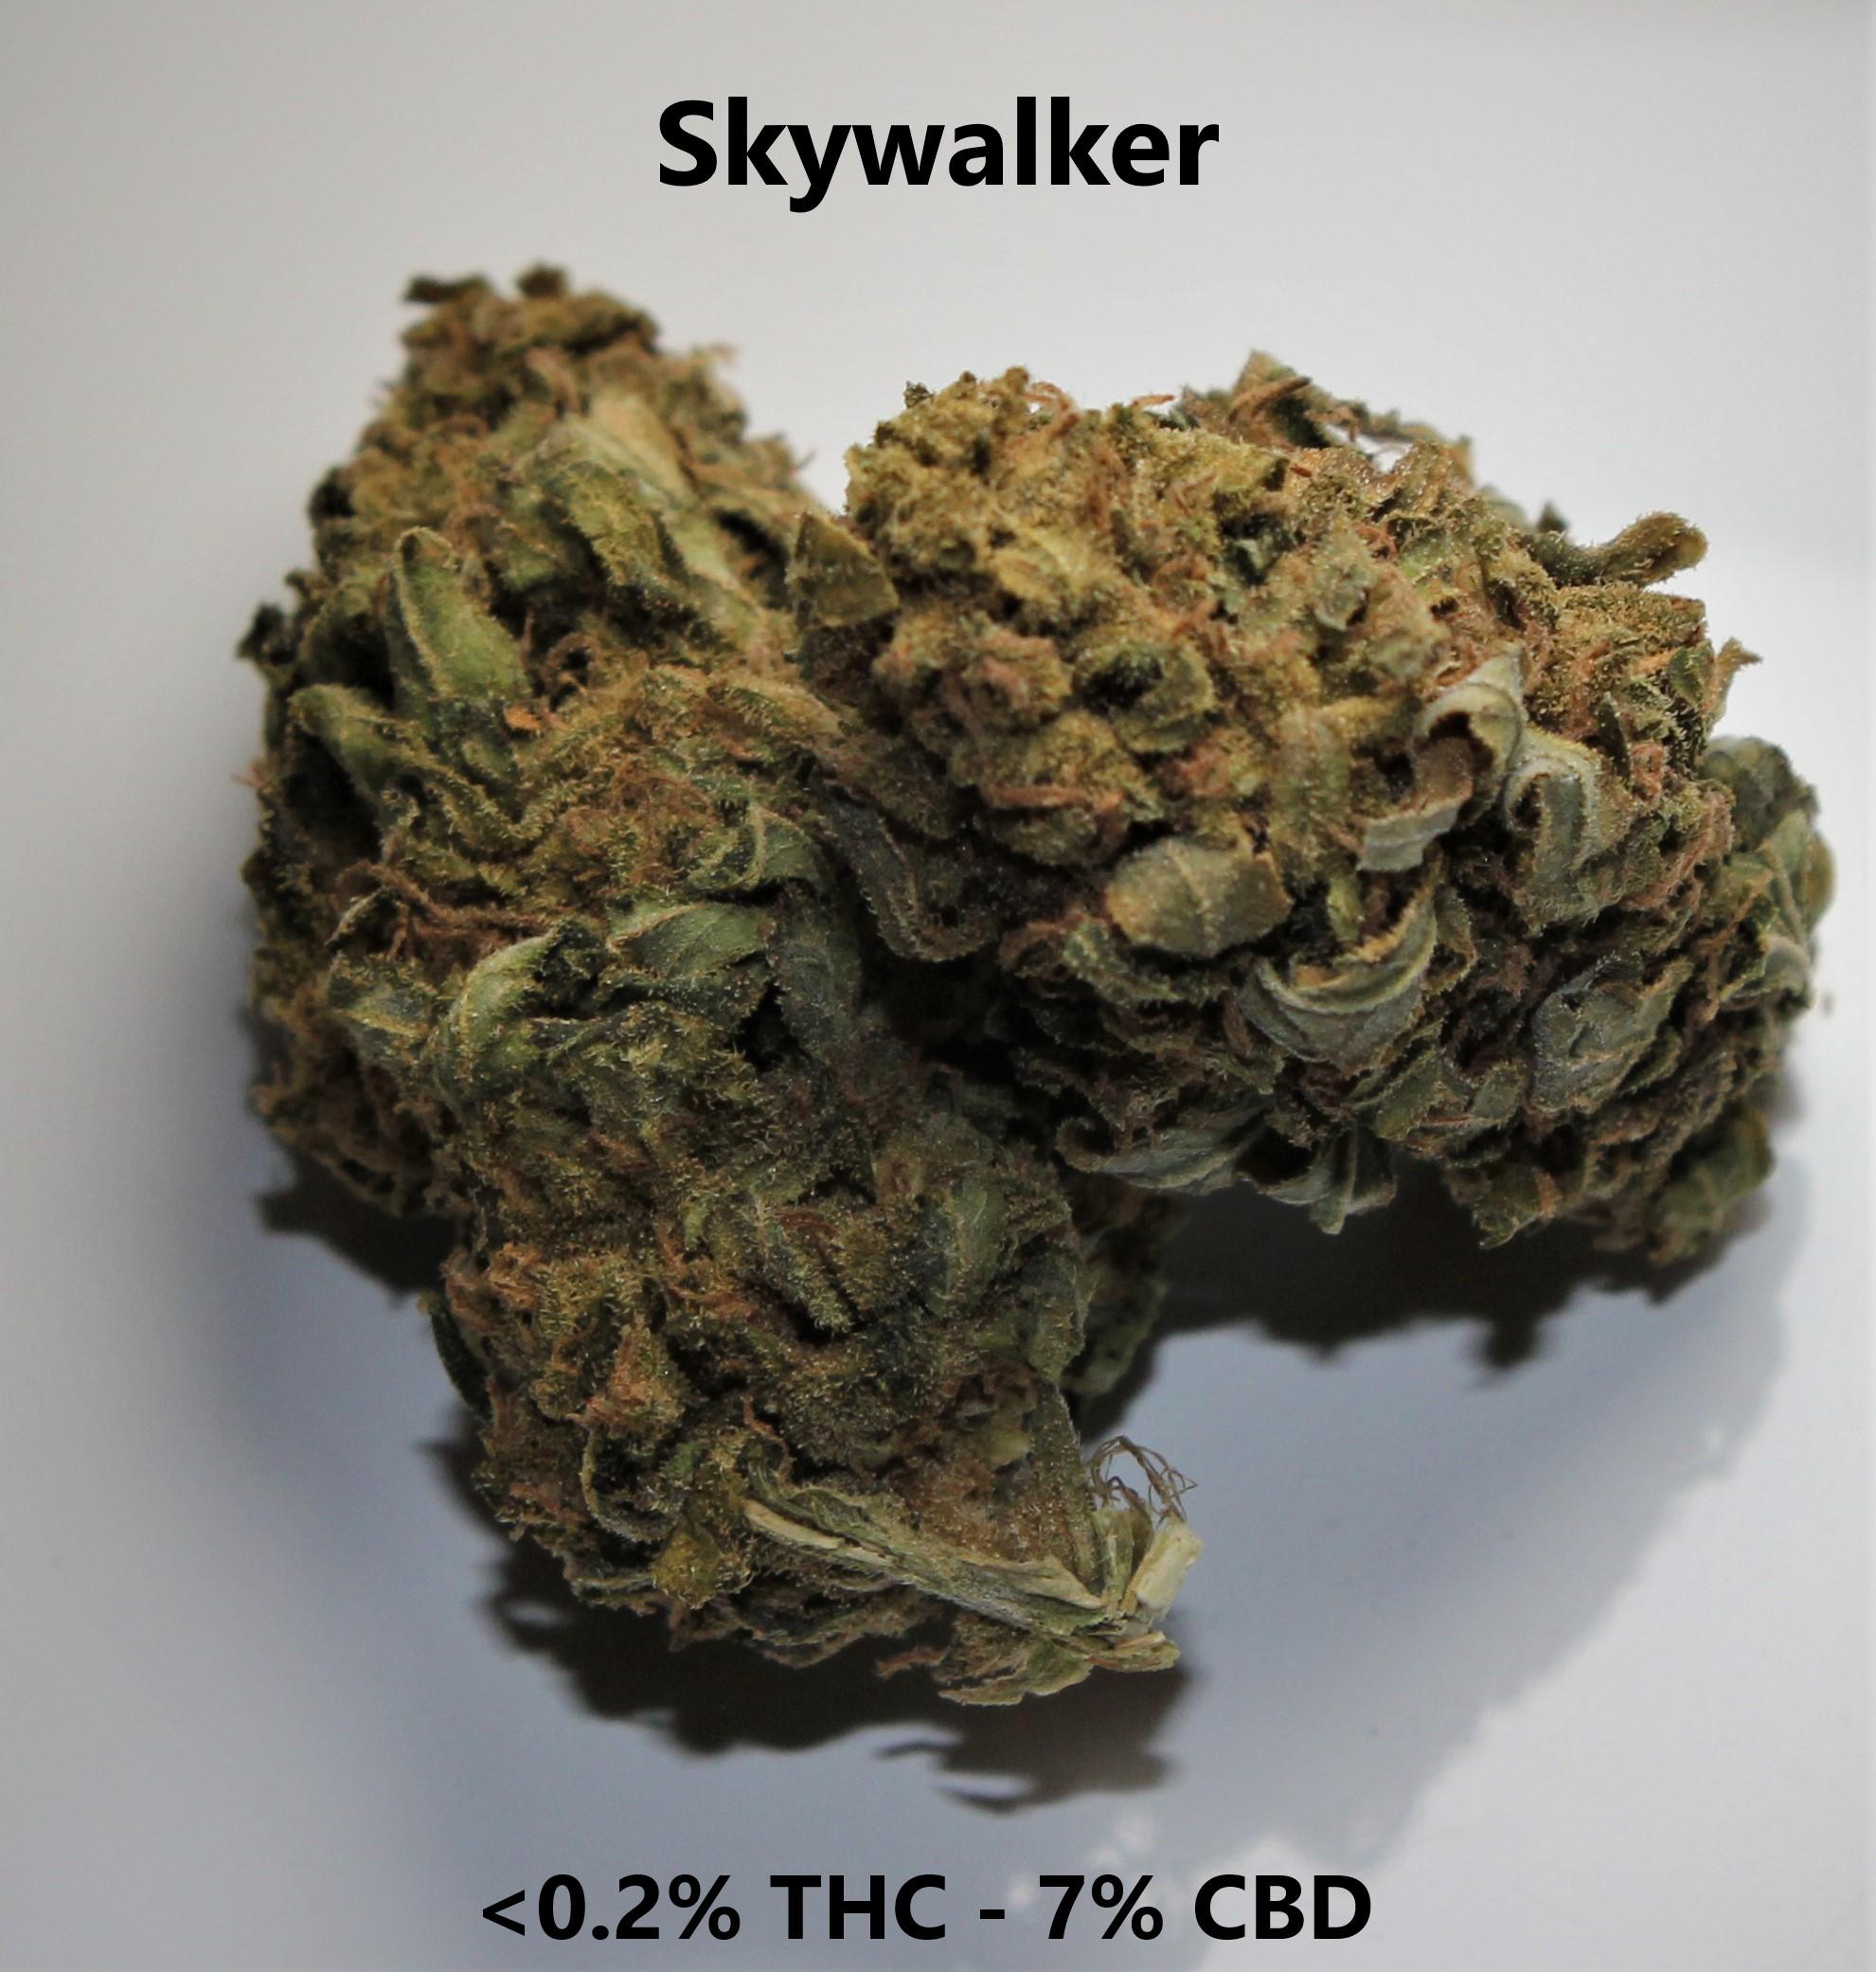 Skywalker  <0.2% THC - 7% CBD